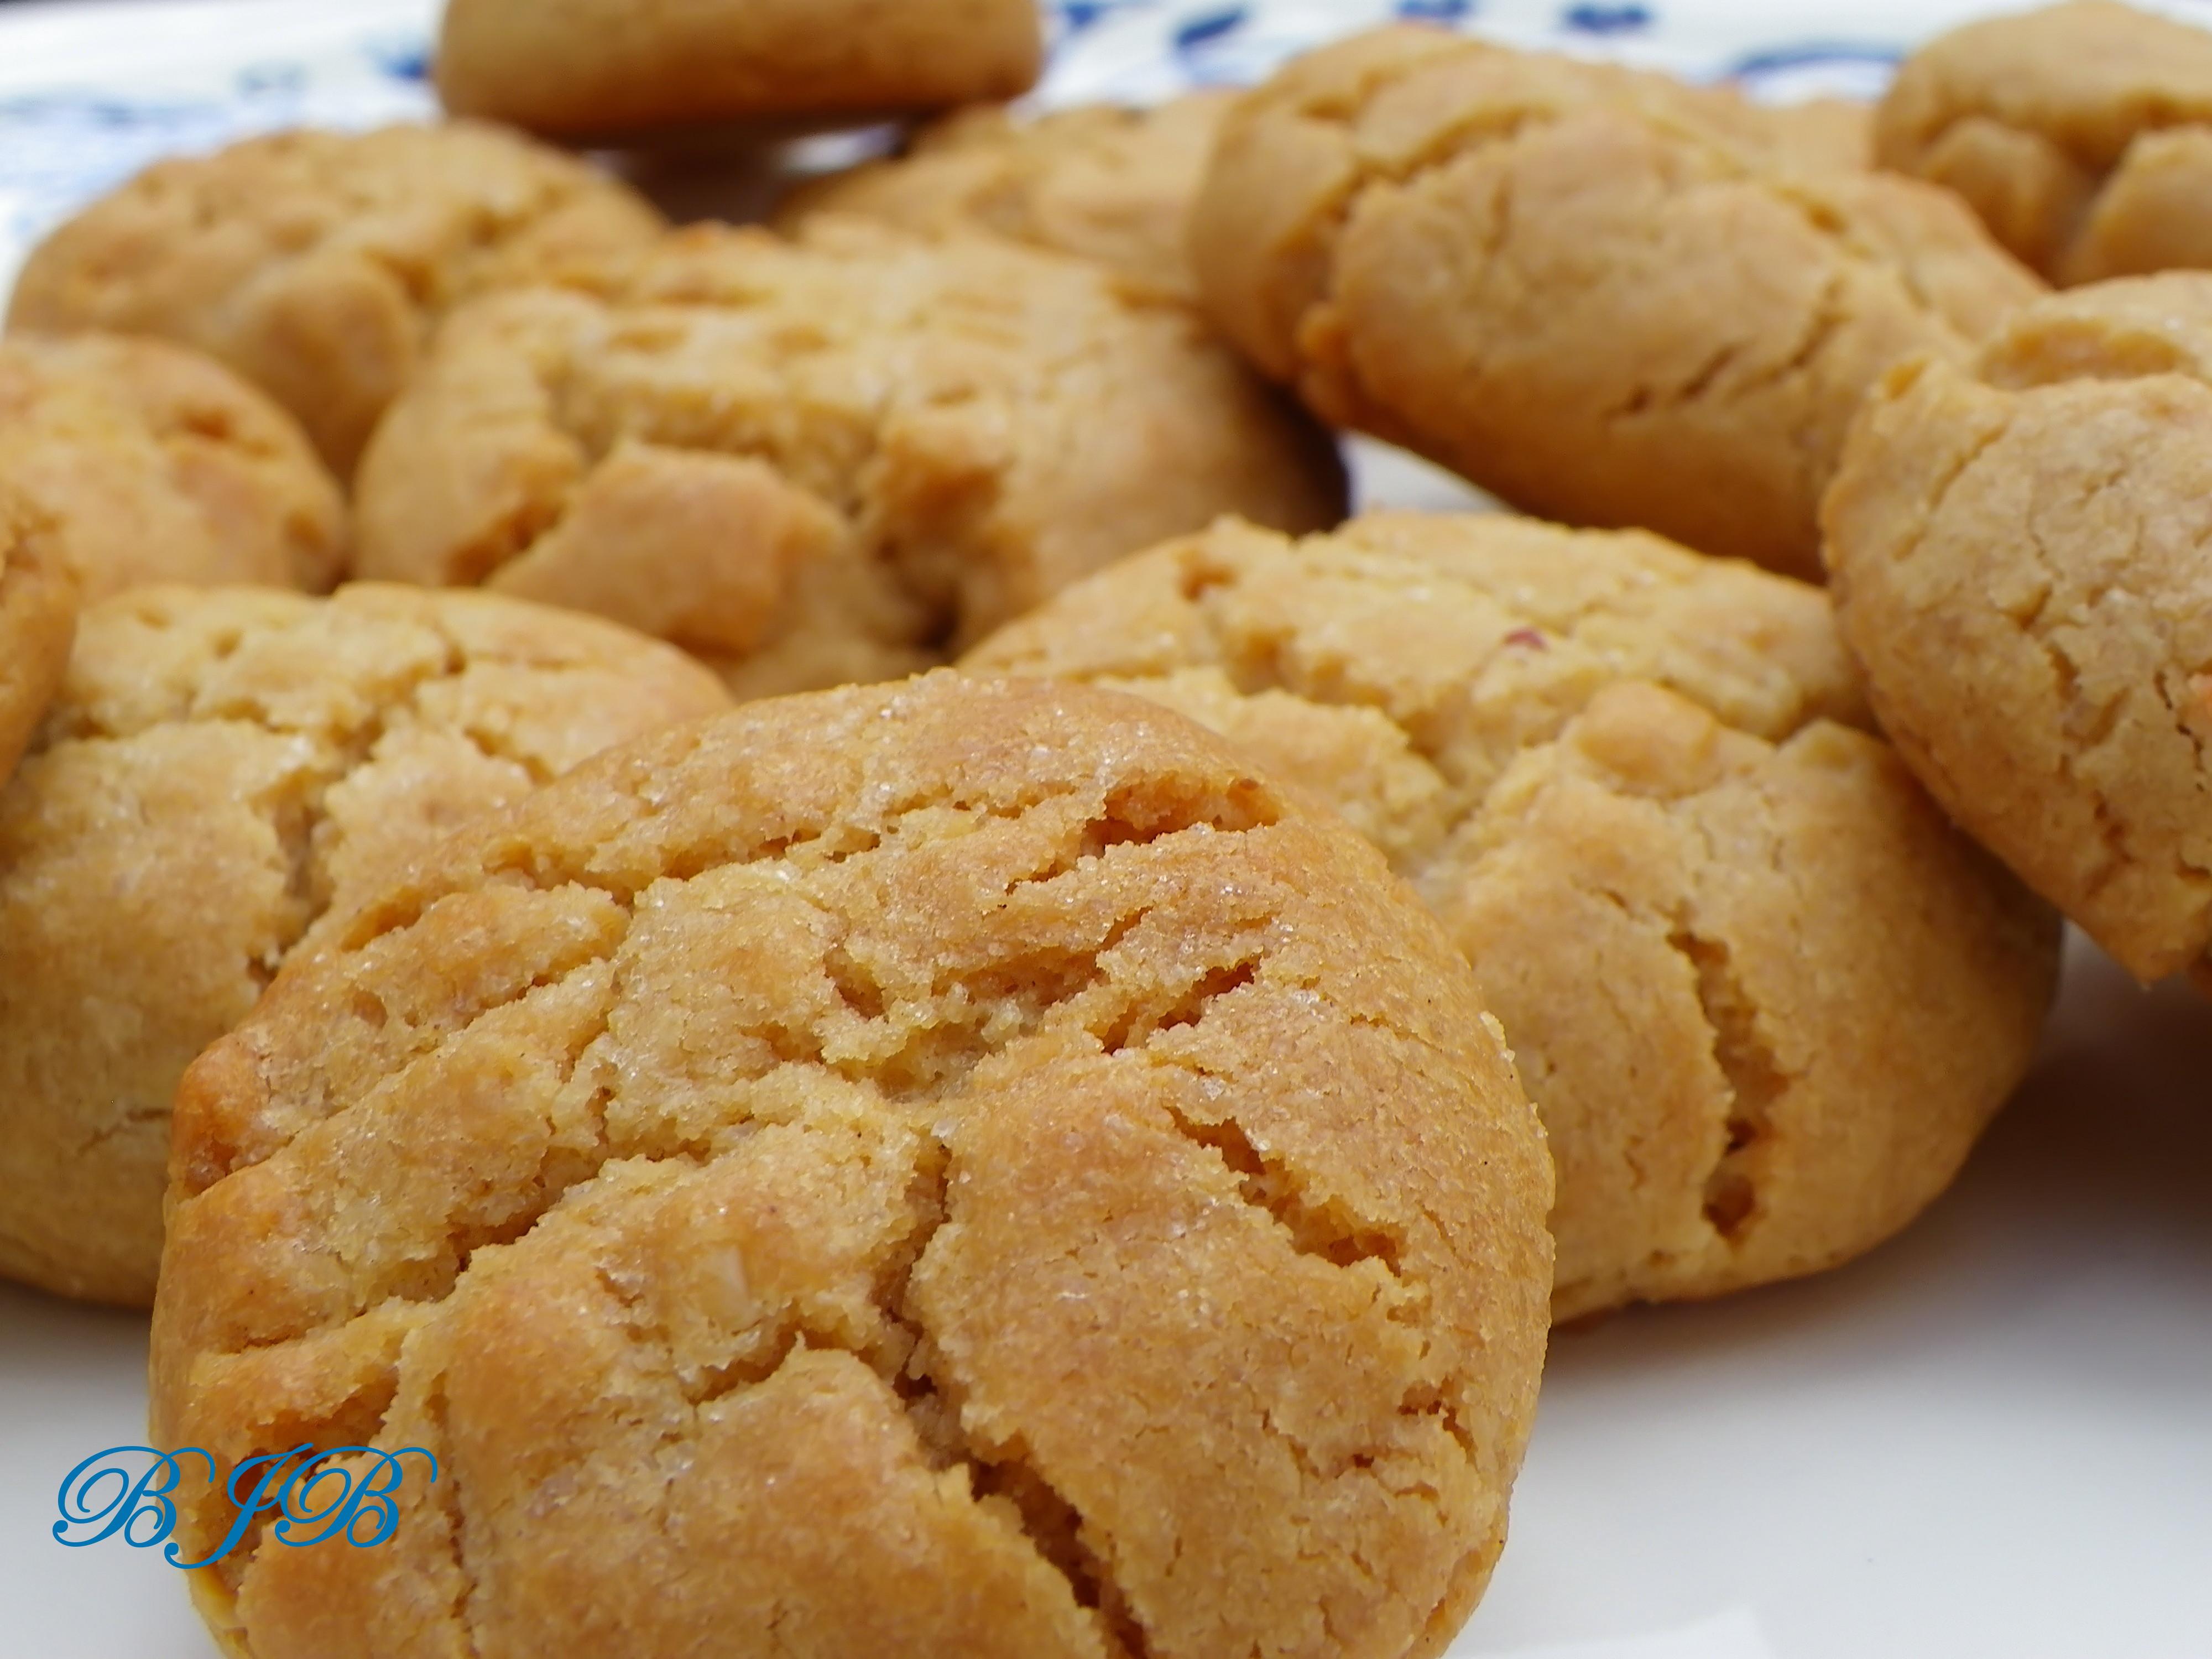 galletas y galletas de mantequilla de maní